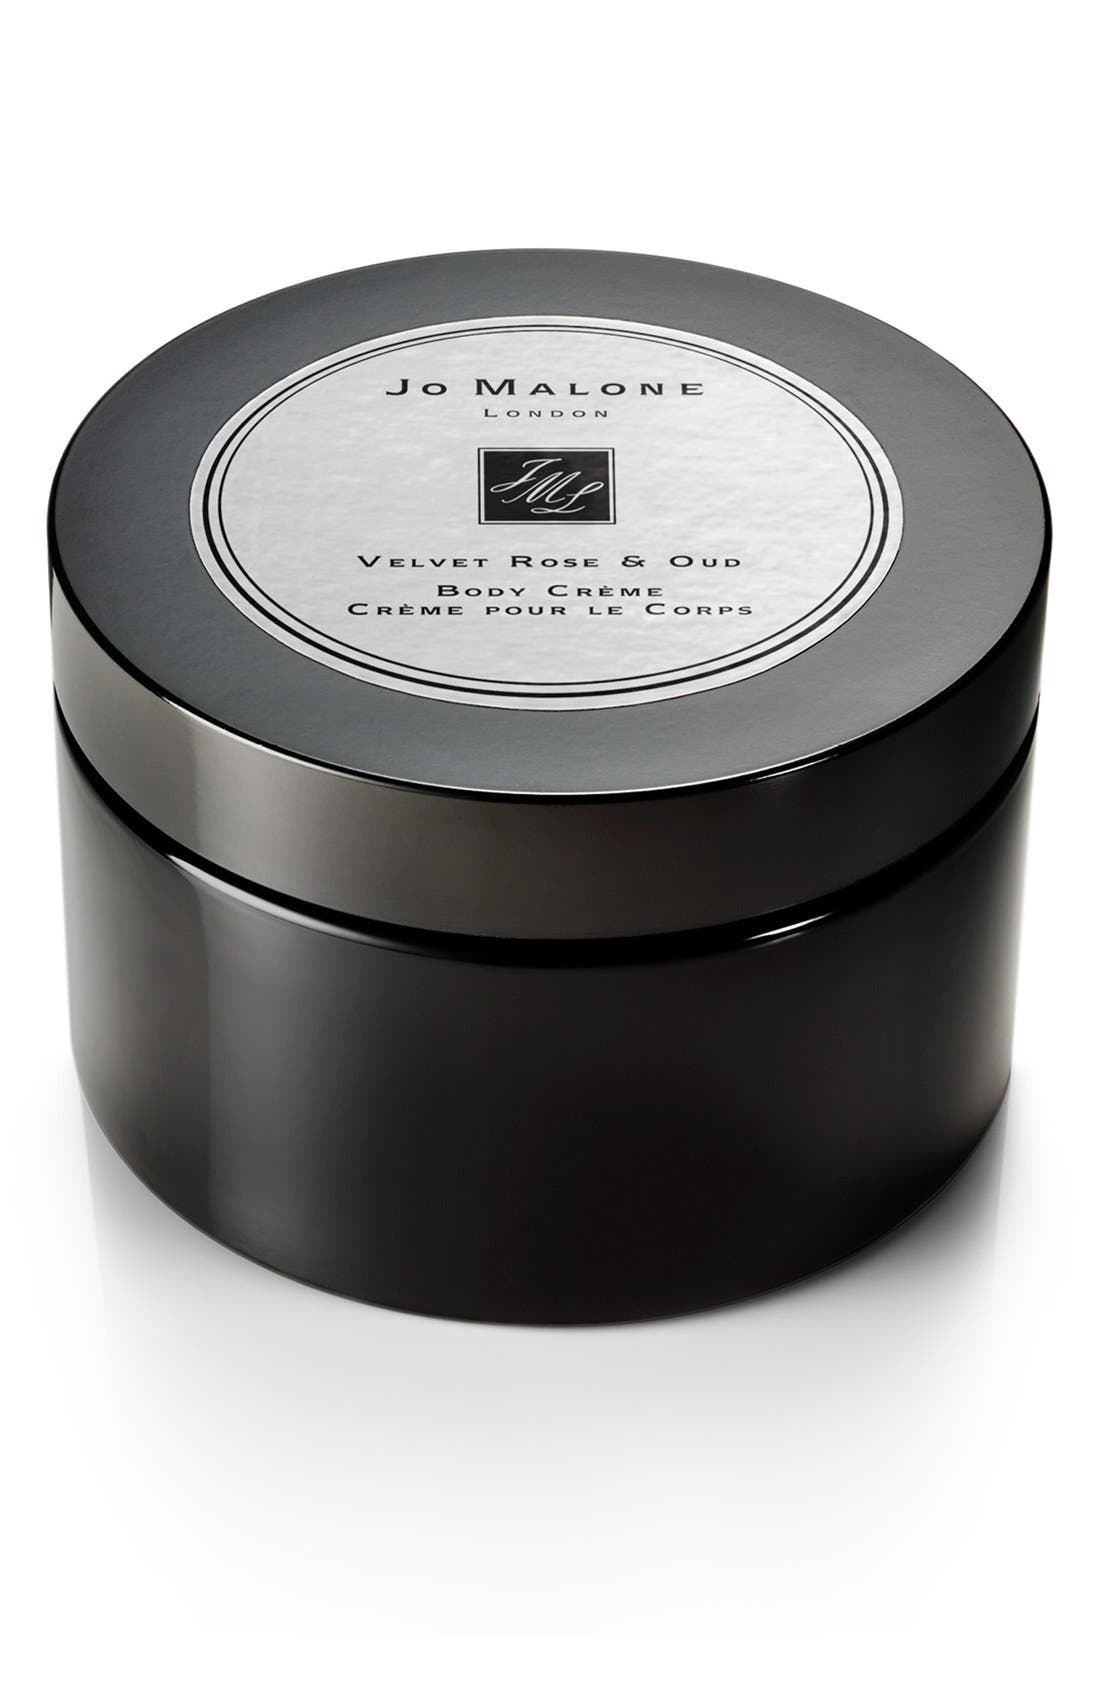 Jo Malone London™ Velvet Rose & Oud Body Crème